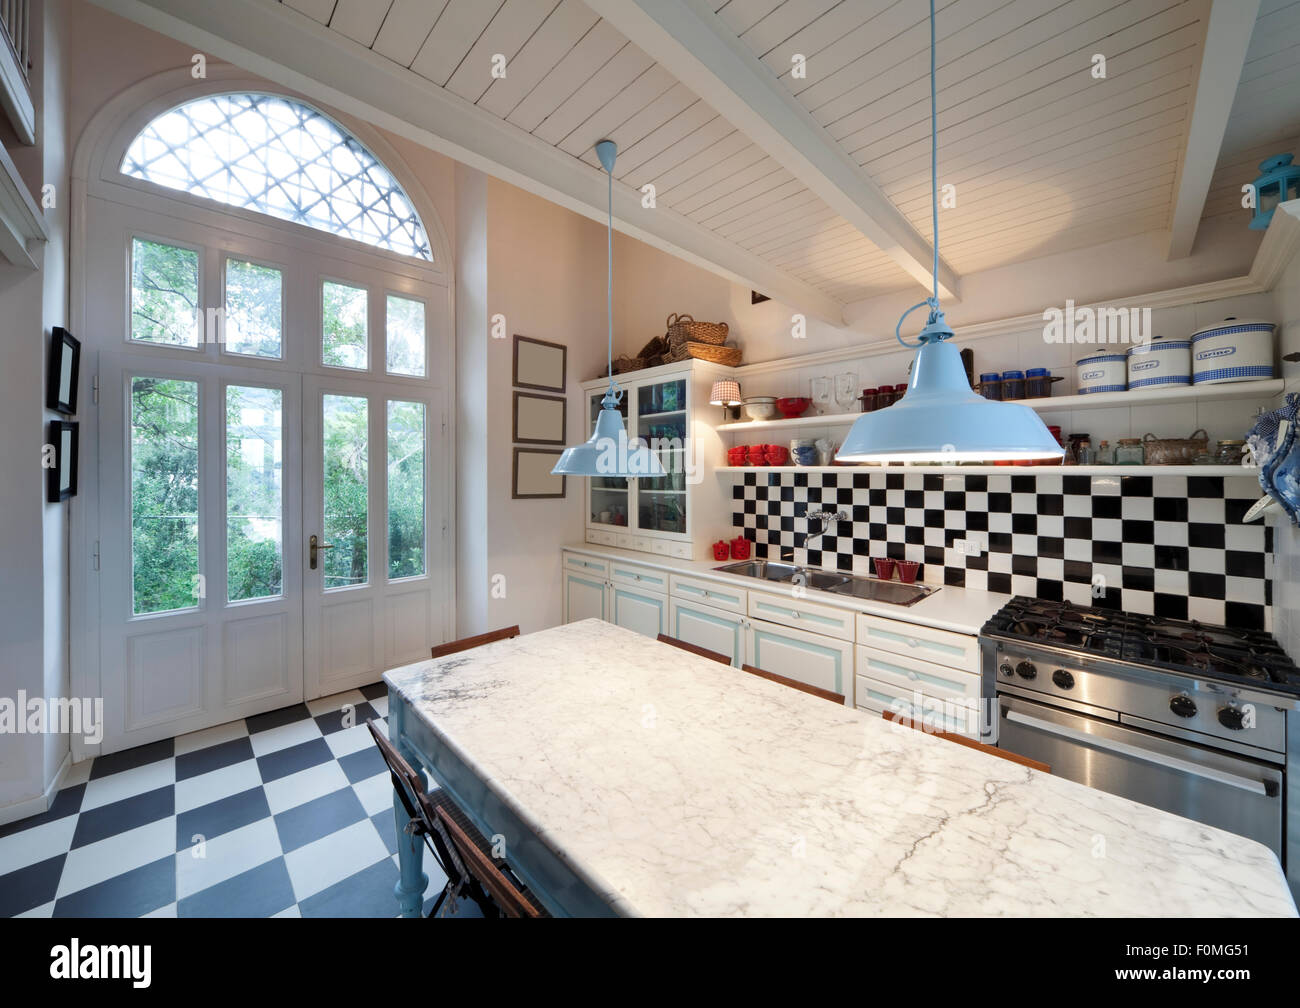 Design Fußboden Für Küche ~ Schachbrett boden küche interieur stockfoto bild  alamy